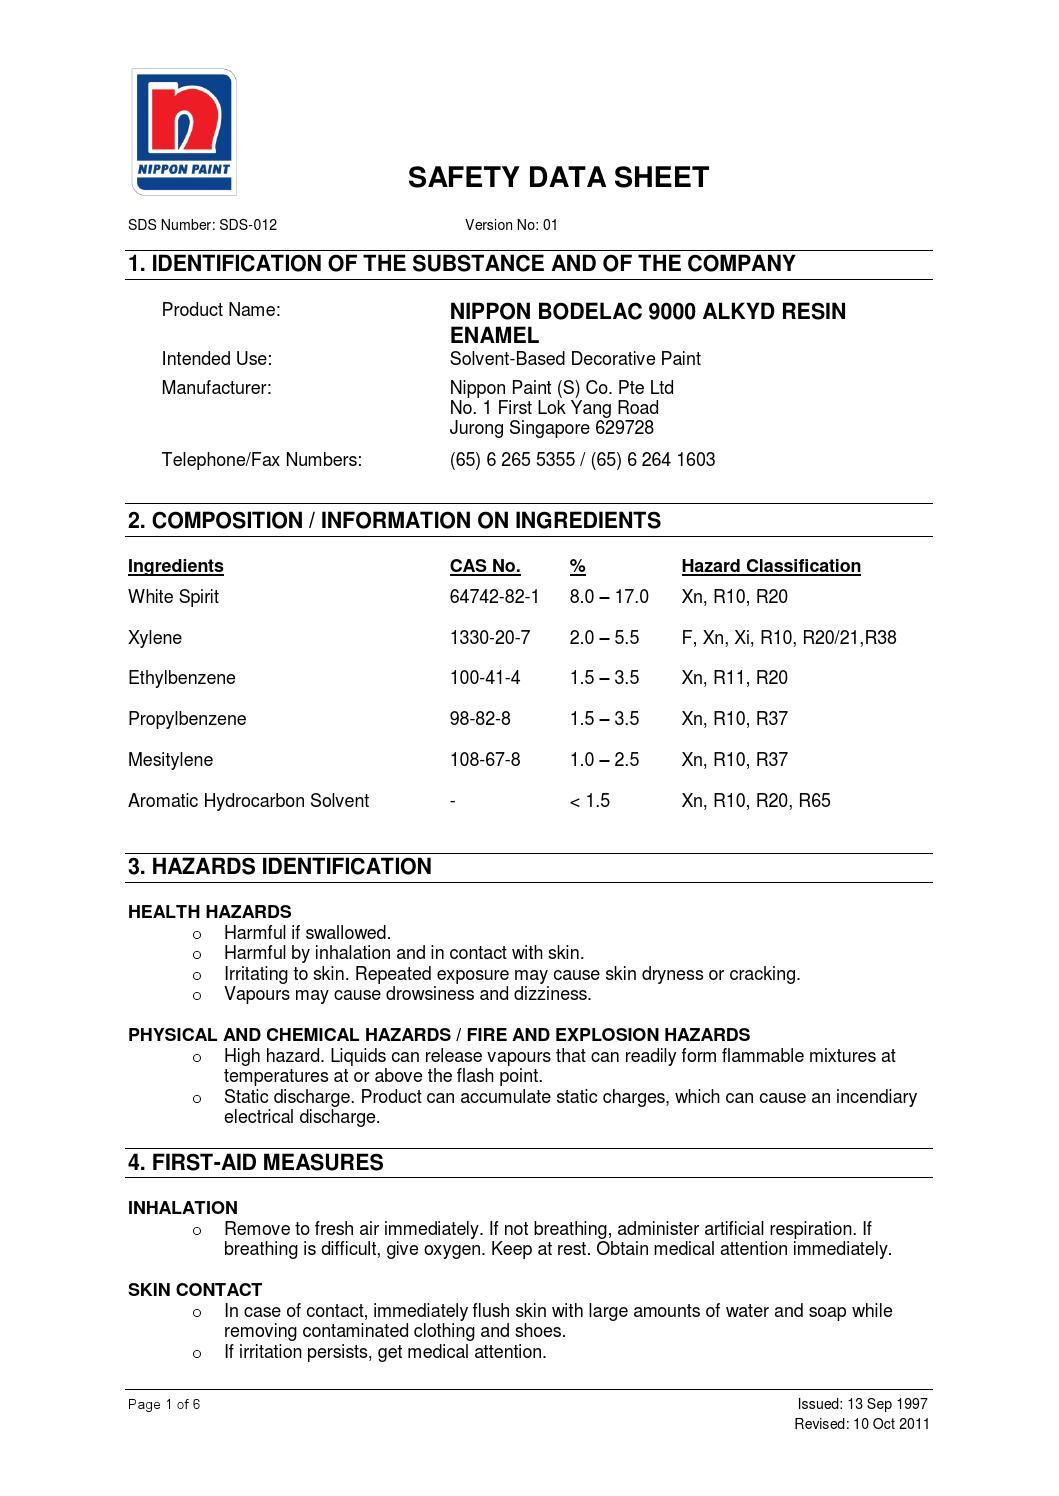 Nippon bodelac 9000 alkyd resin enamel sds 10 10 2011 by